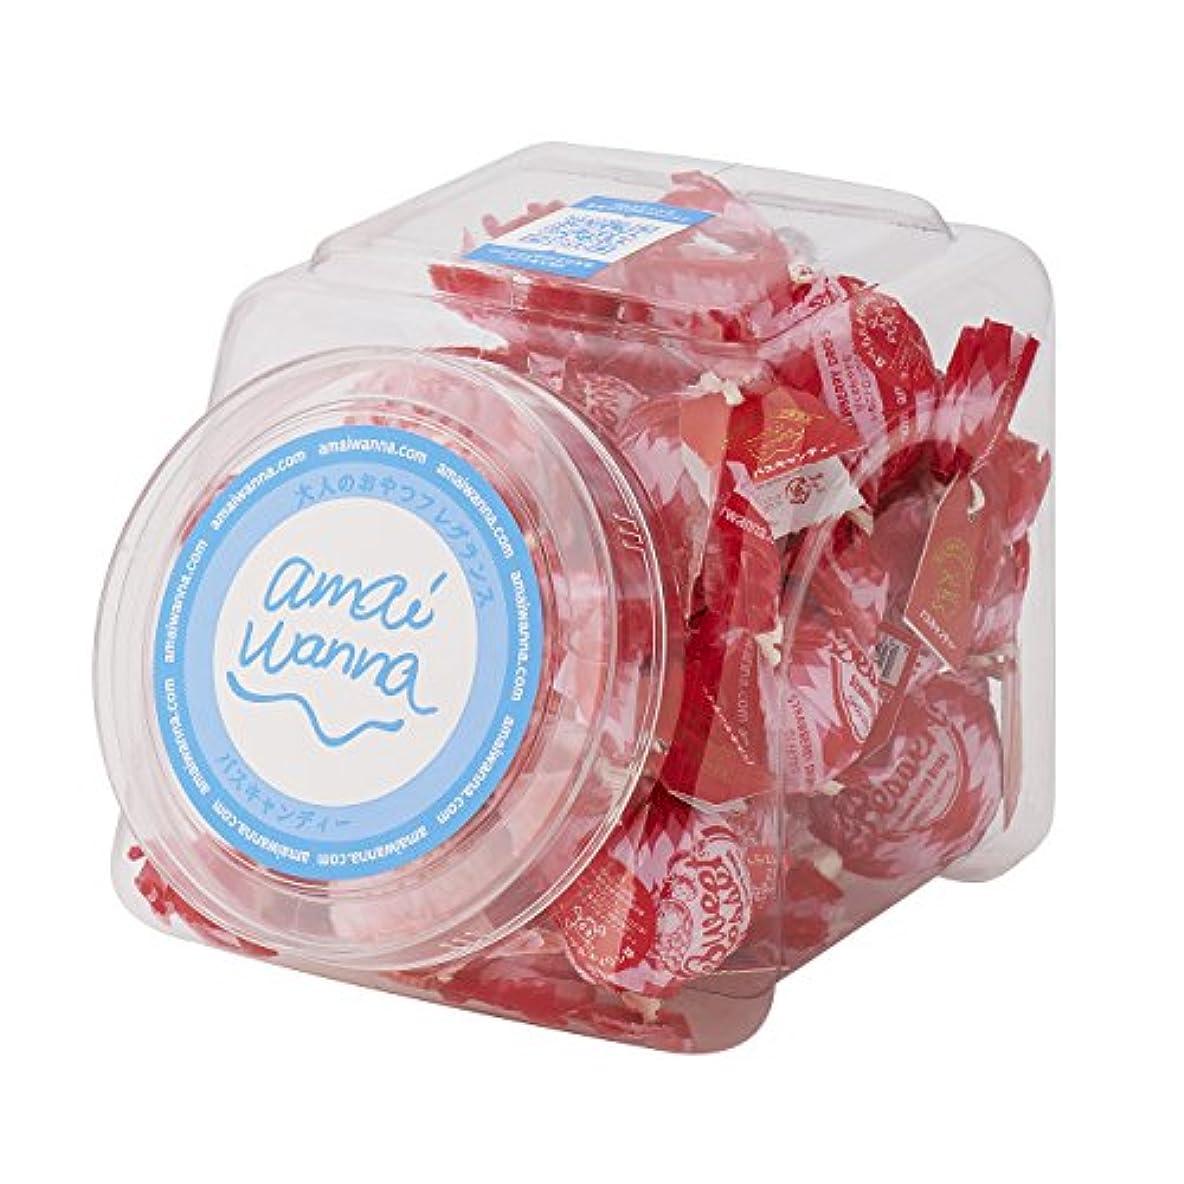 残基の間で論理的にアマイワナ バスキャンディーポットセット いちごドロップ 35g×24コ(発泡タイプ入浴料 甘くさわやかないちごドロップの香り)